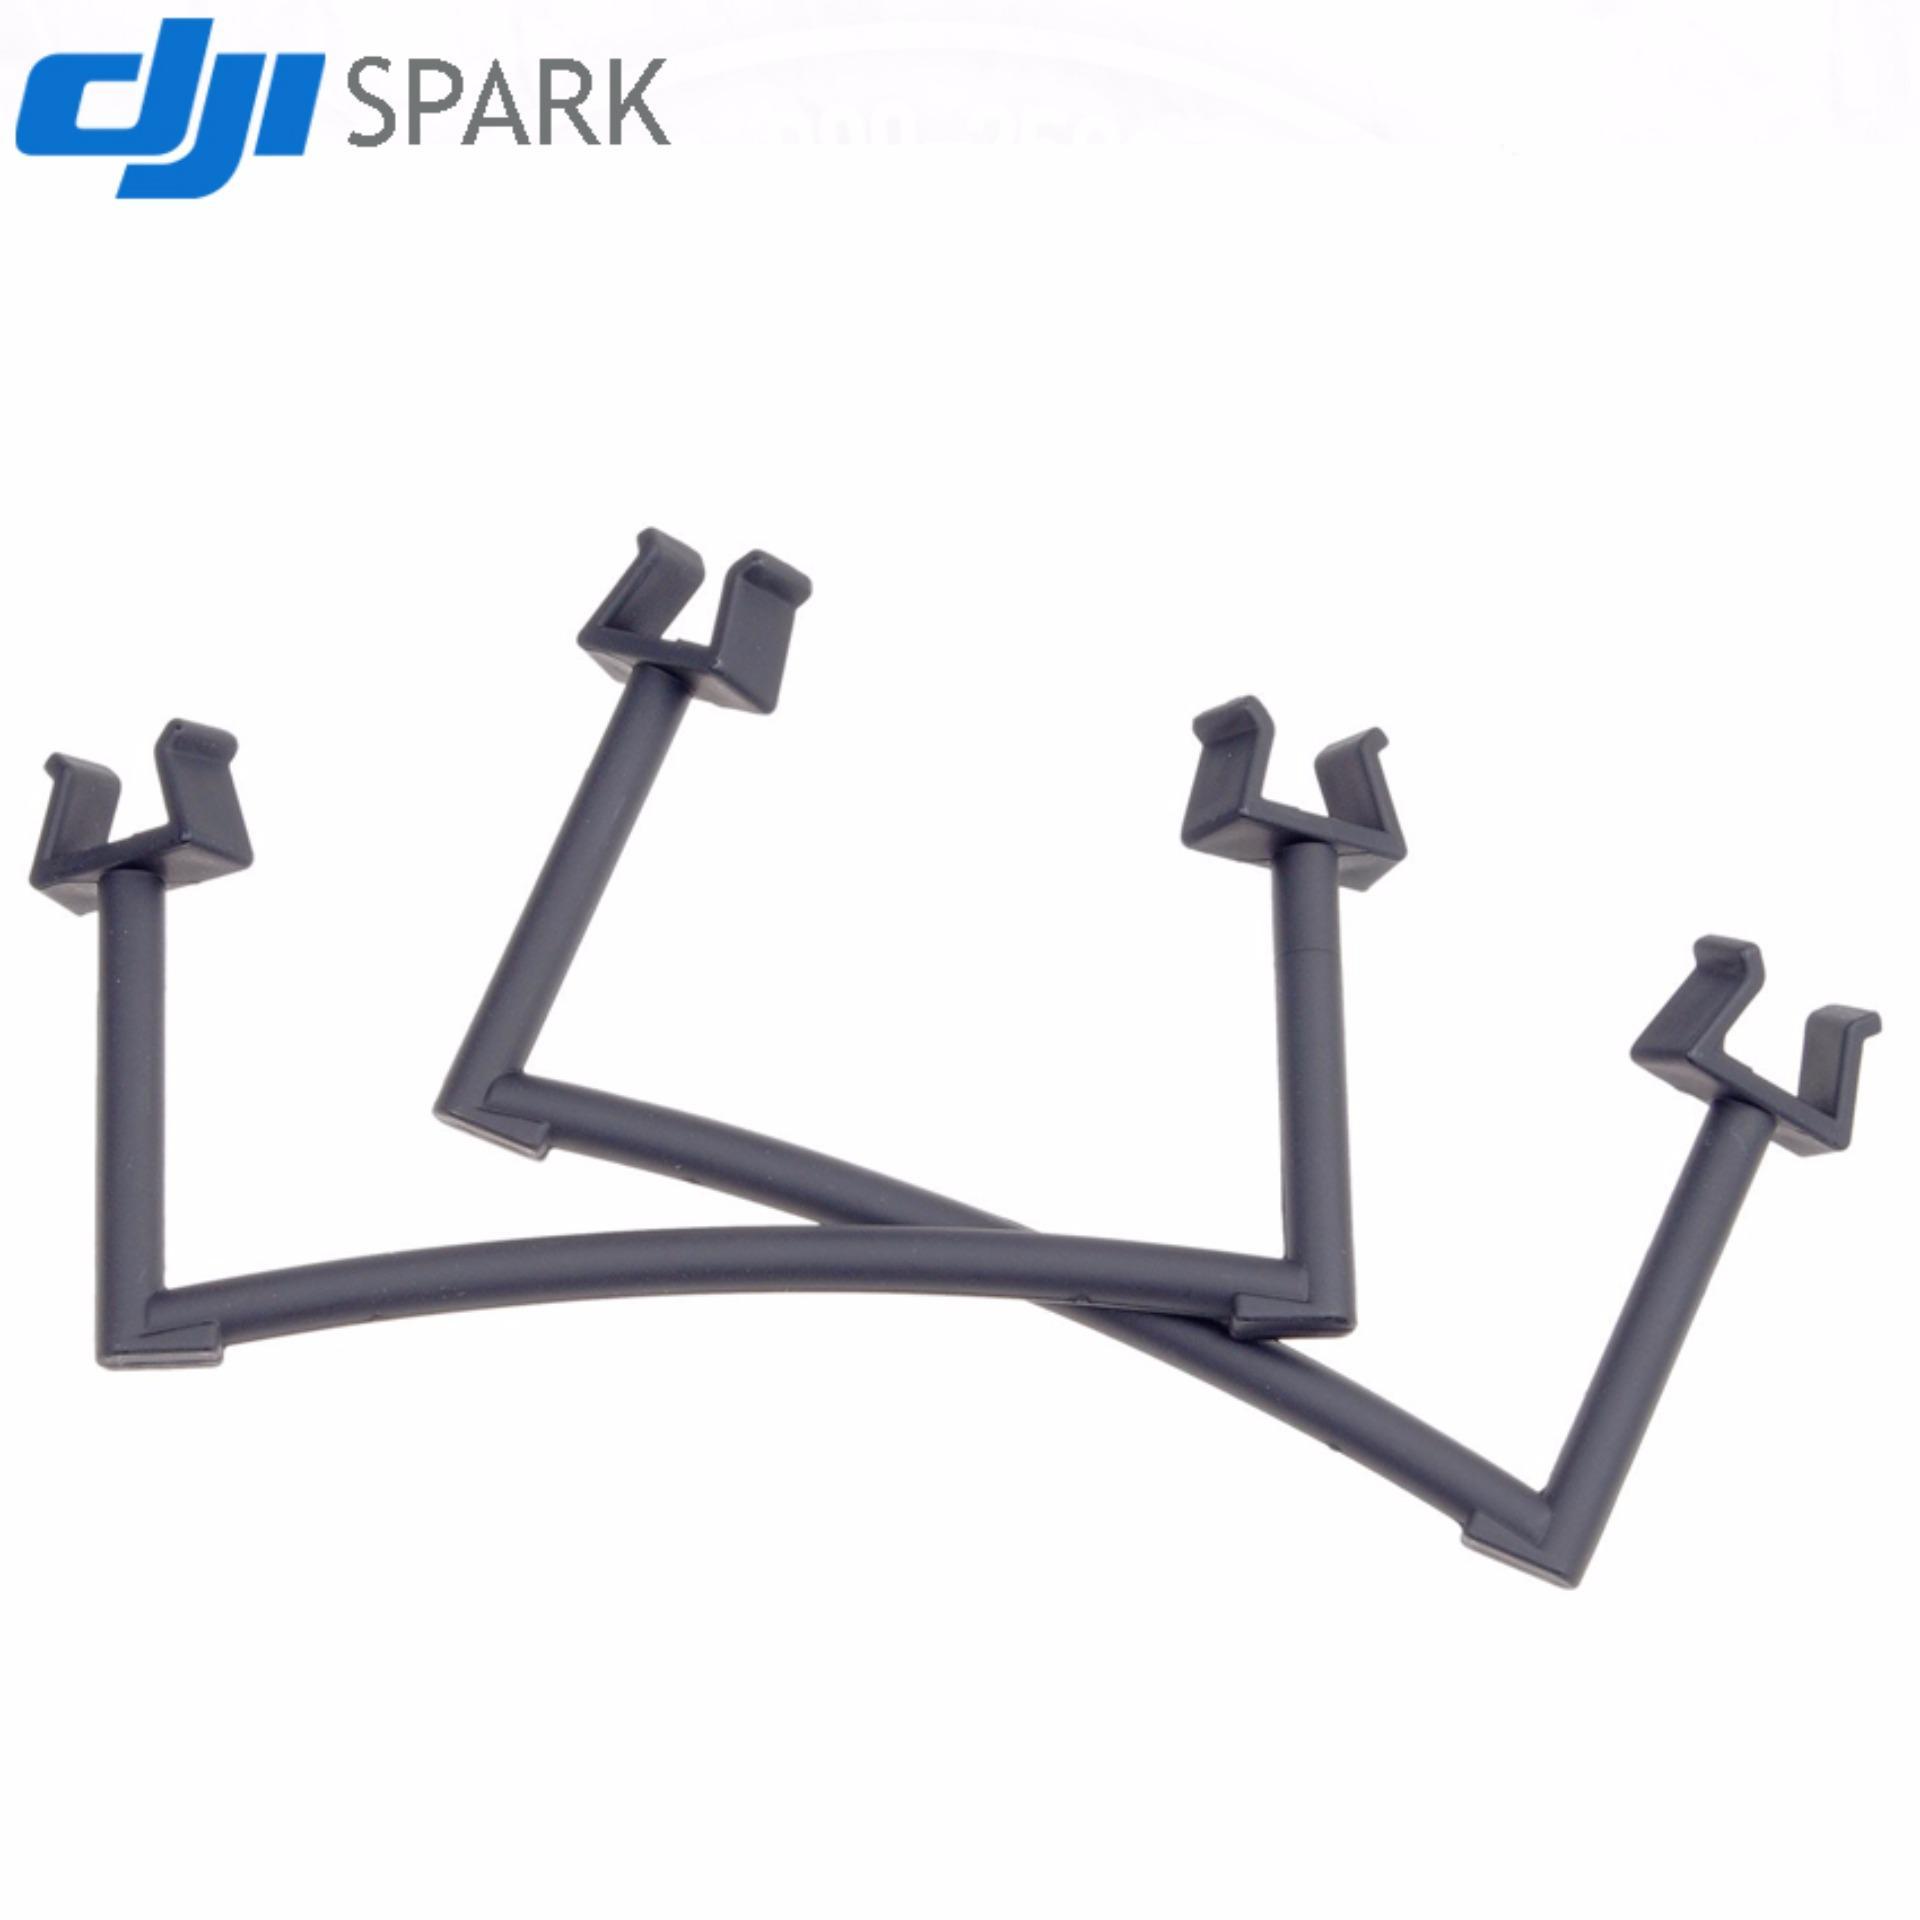 Landing Gear for DJI Spark Leg Height Extender Kit Extended LandingBracket